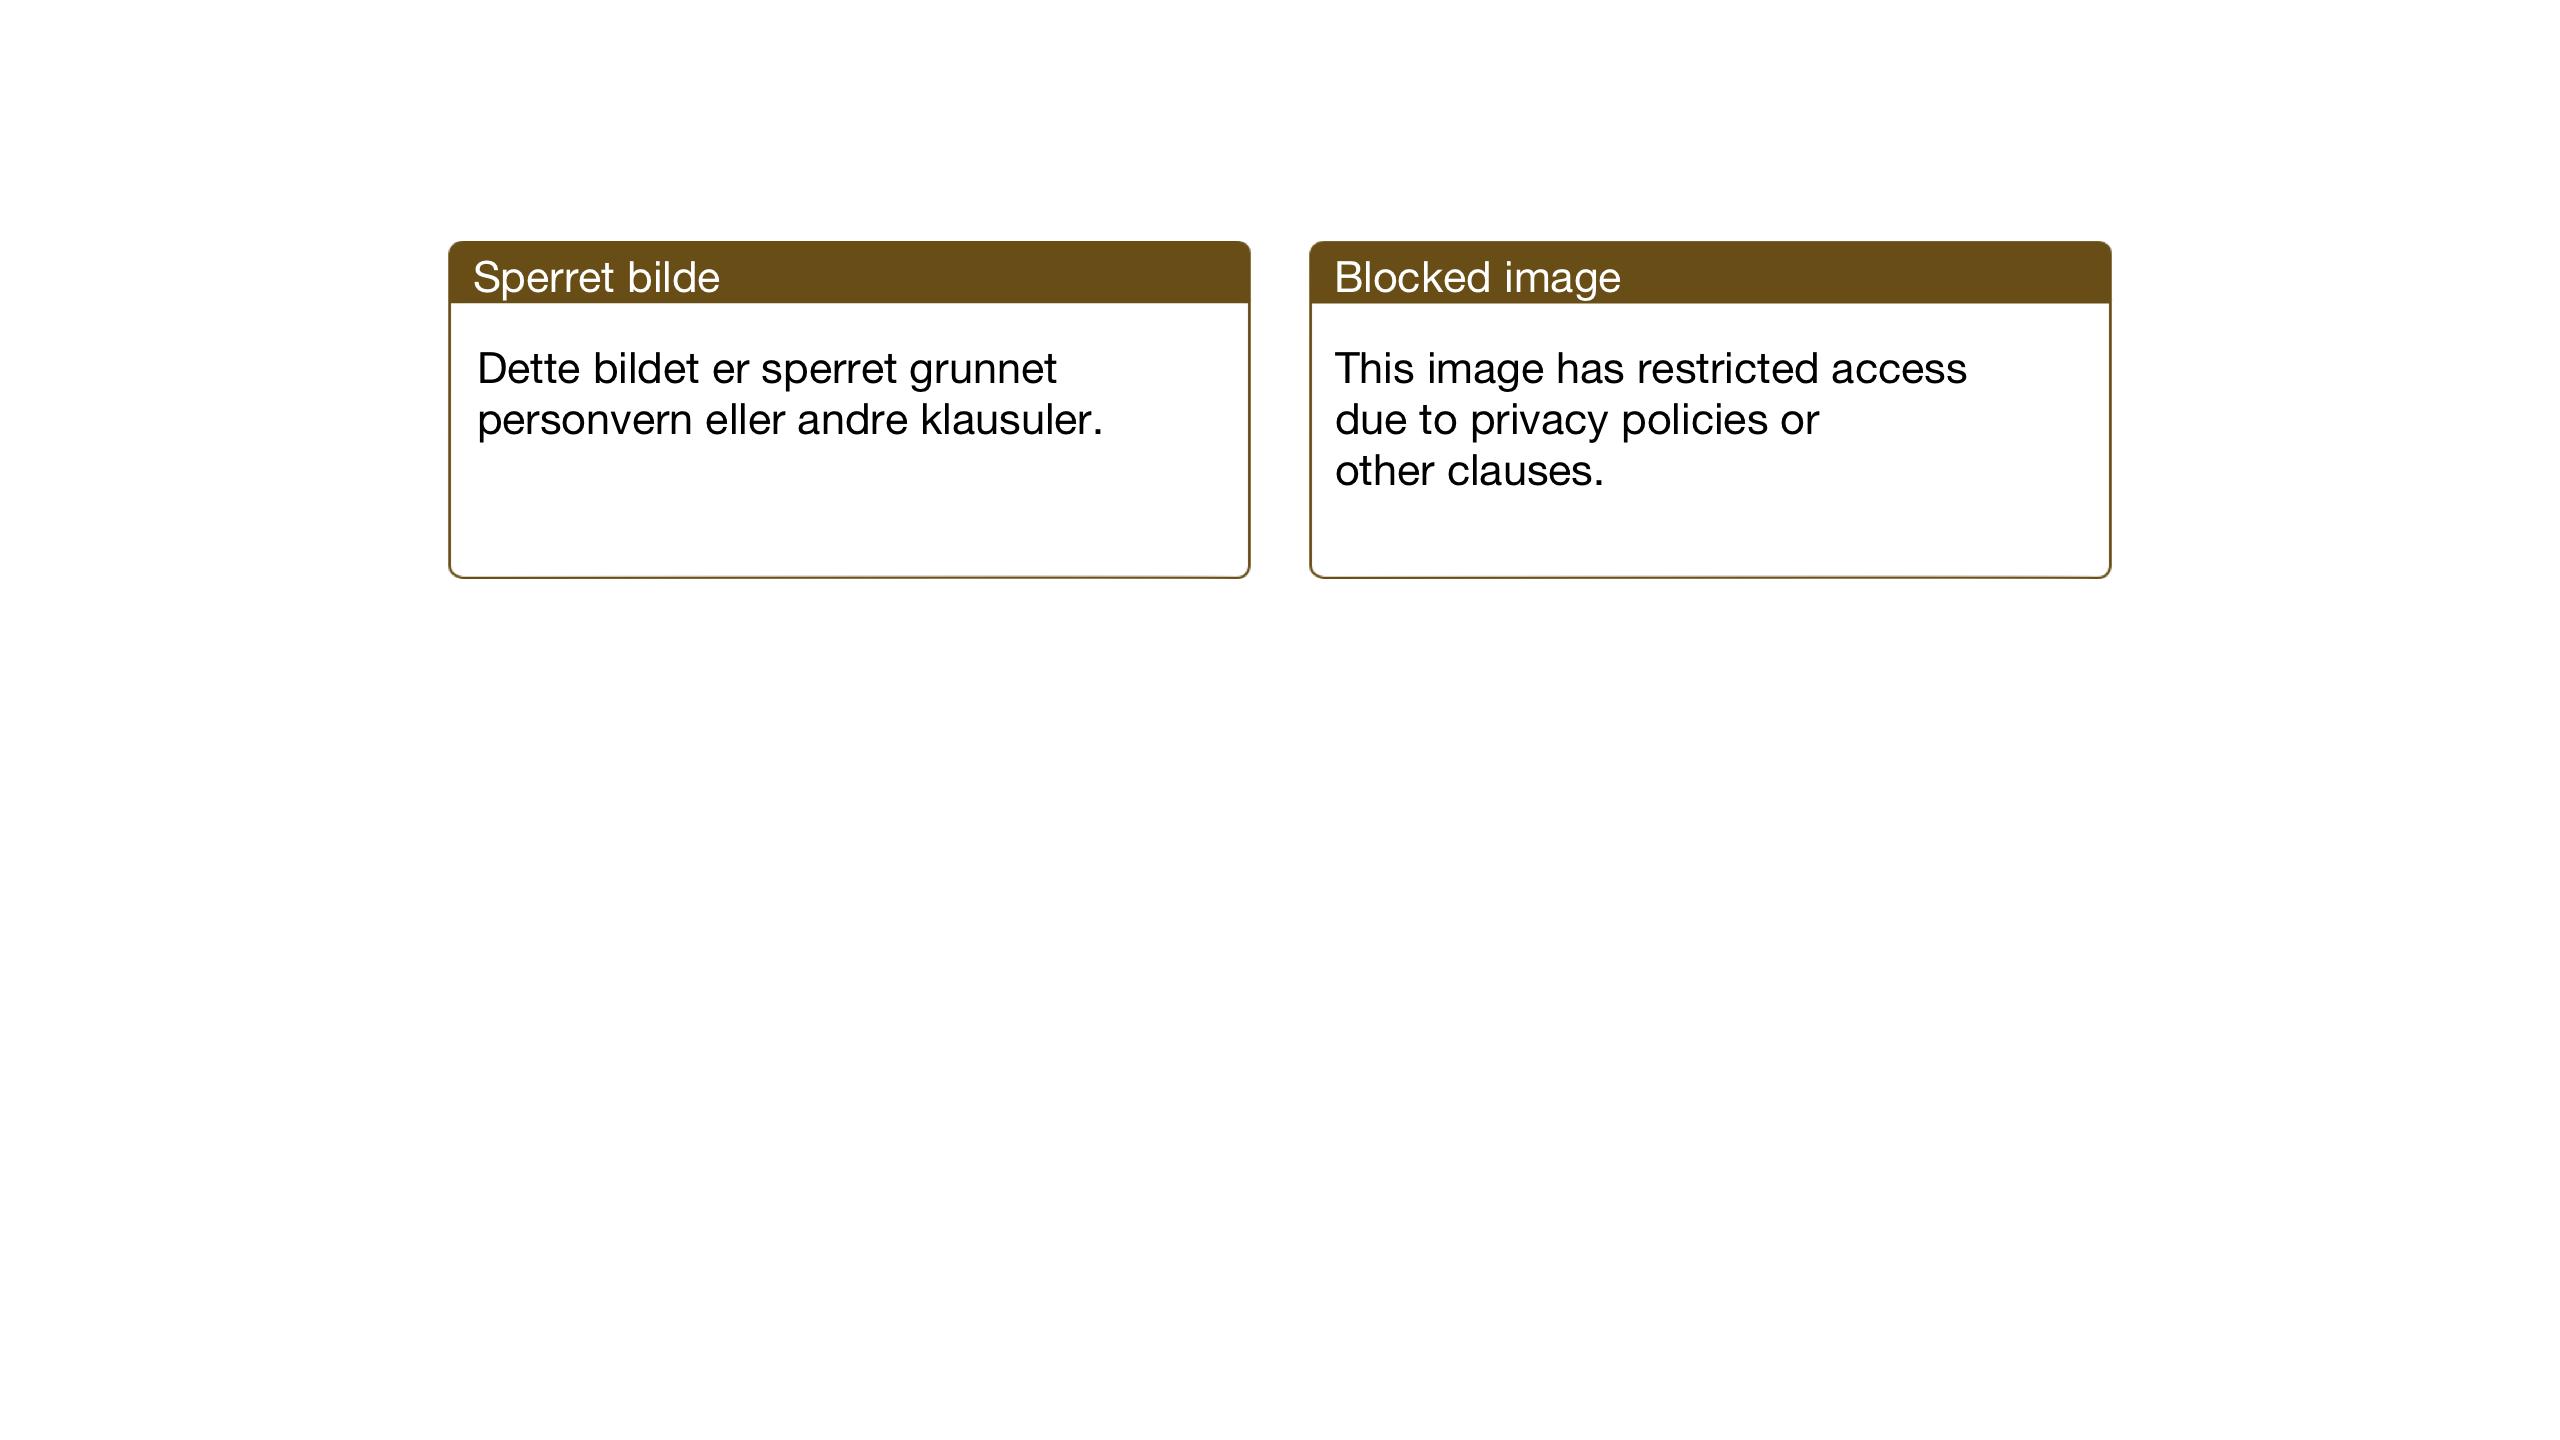 RA, Justisdepartementet, Sivilavdelingen (RA/S-6490), 1995-1996, s. 1